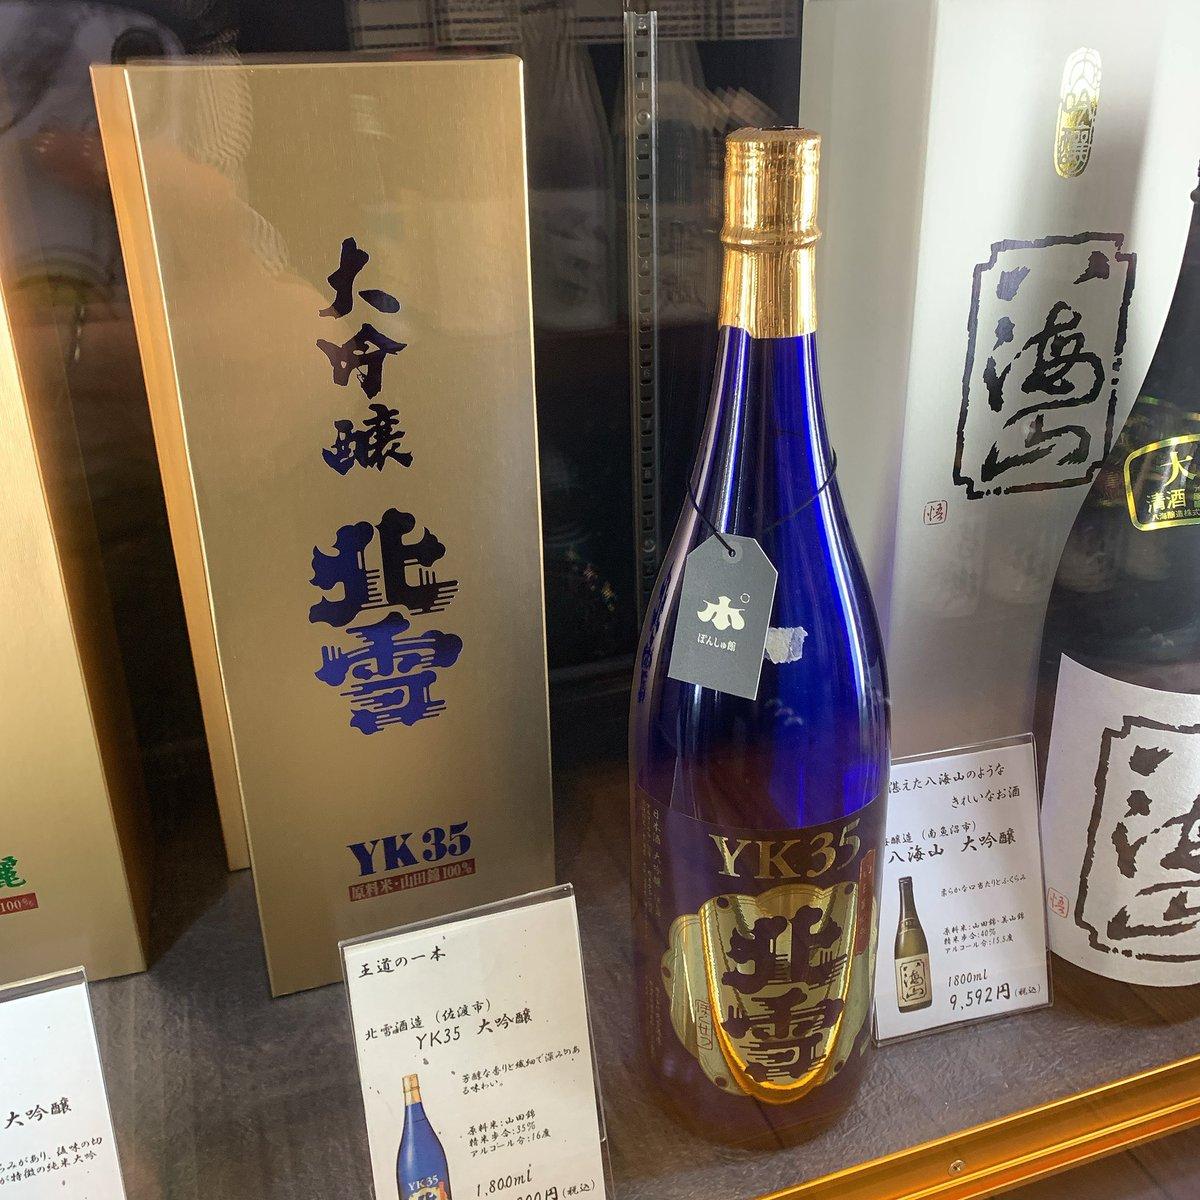 test ツイッターメディア - 敬老の日で日本酒とおつまみを祖父母に送りました🎁  こなすくん@NS06598099 のNICEアドバイスで、とても良い贈り物ができたと思います🥰 こなすくん、ありがとう‼️  YK35🍶と緑川🍶+鮭などのおつまみ✨ 個人的にこのカップ酒を集めたい(笑) 何という夢の国!新潟💚 https://t.co/h0I5eY0vmv